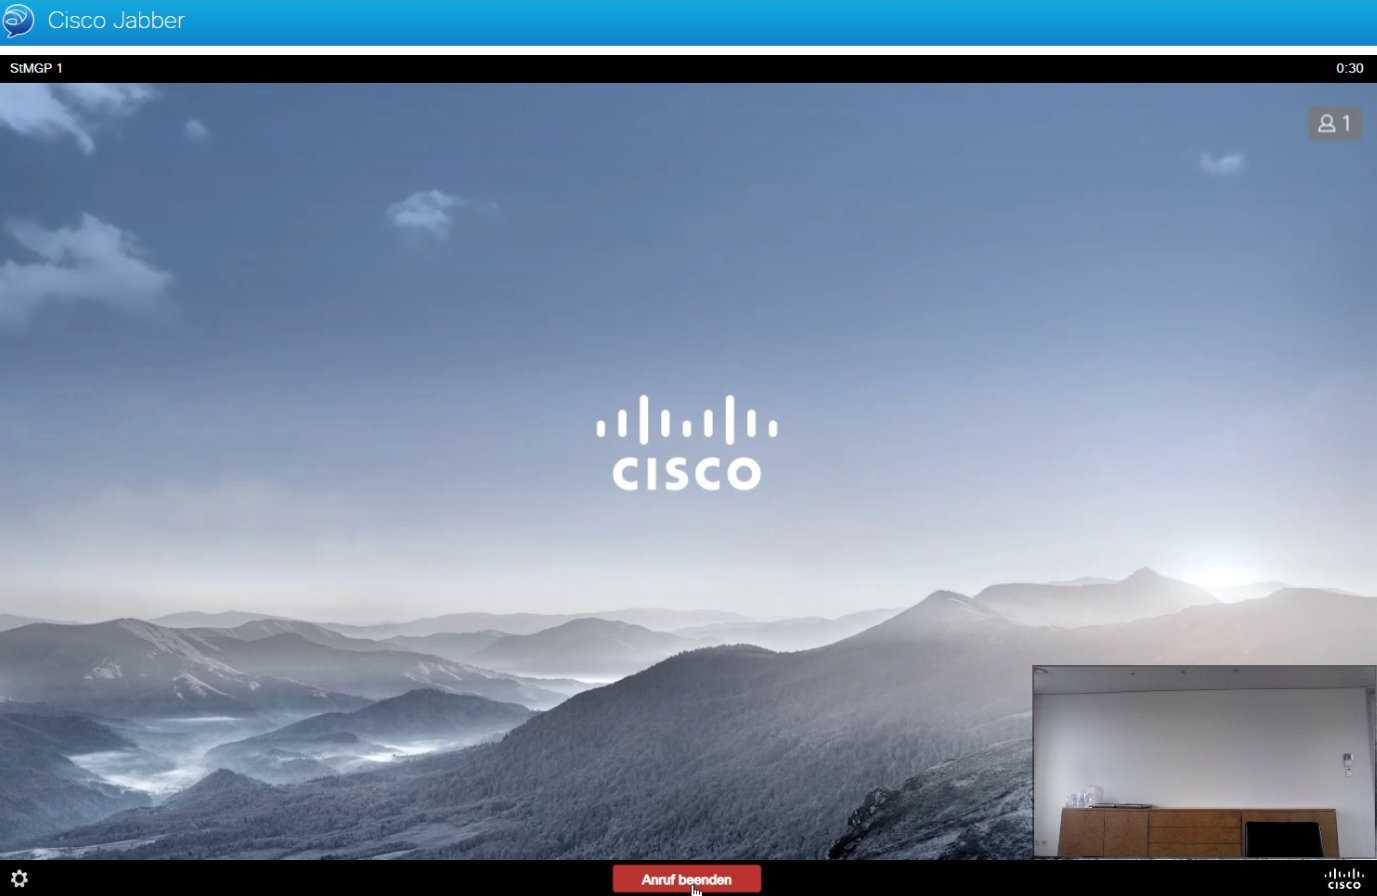 Das bayerische Innenministerium nutzt die Videokonferenz-Software Cisco Jabber.